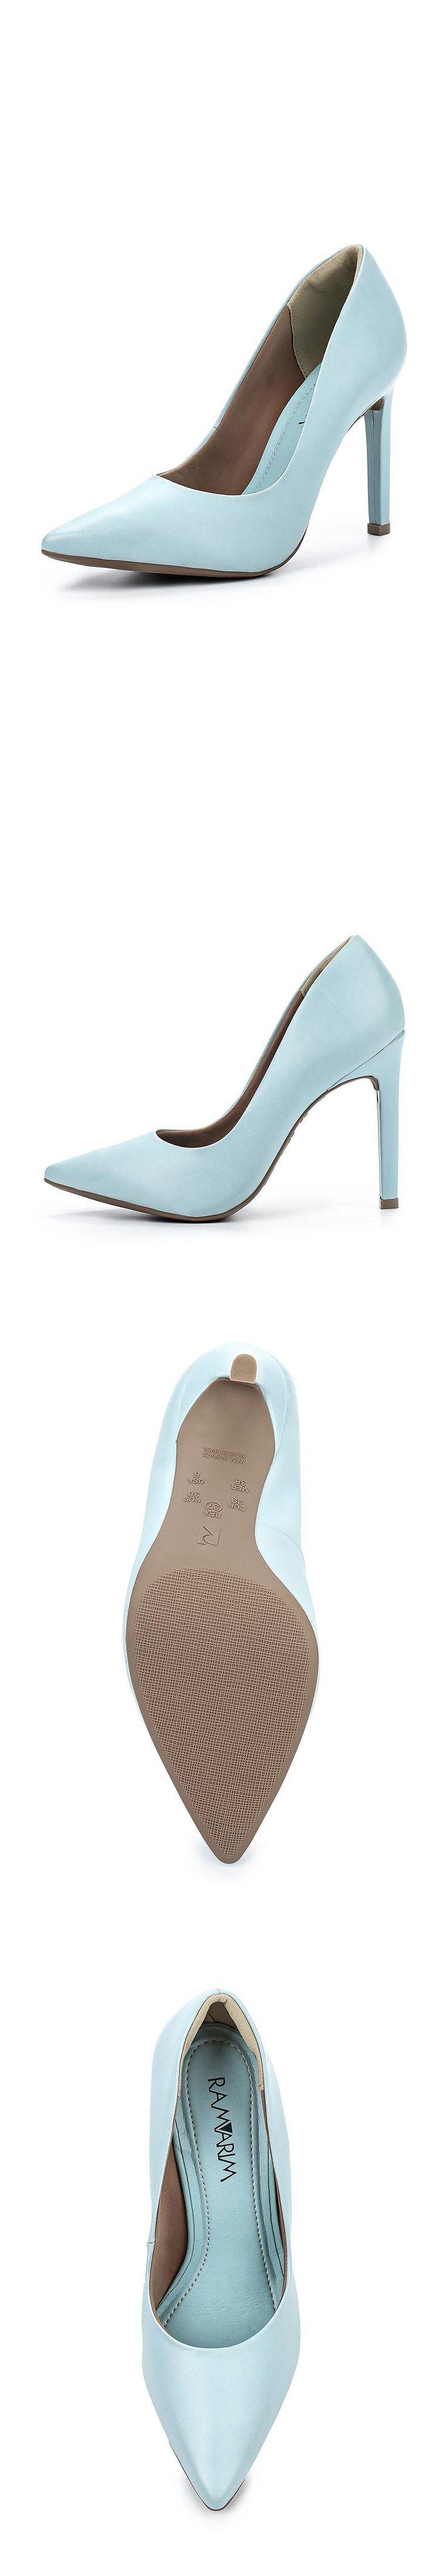 Женская обувь туфли Ramarim за 3899.00 руб.